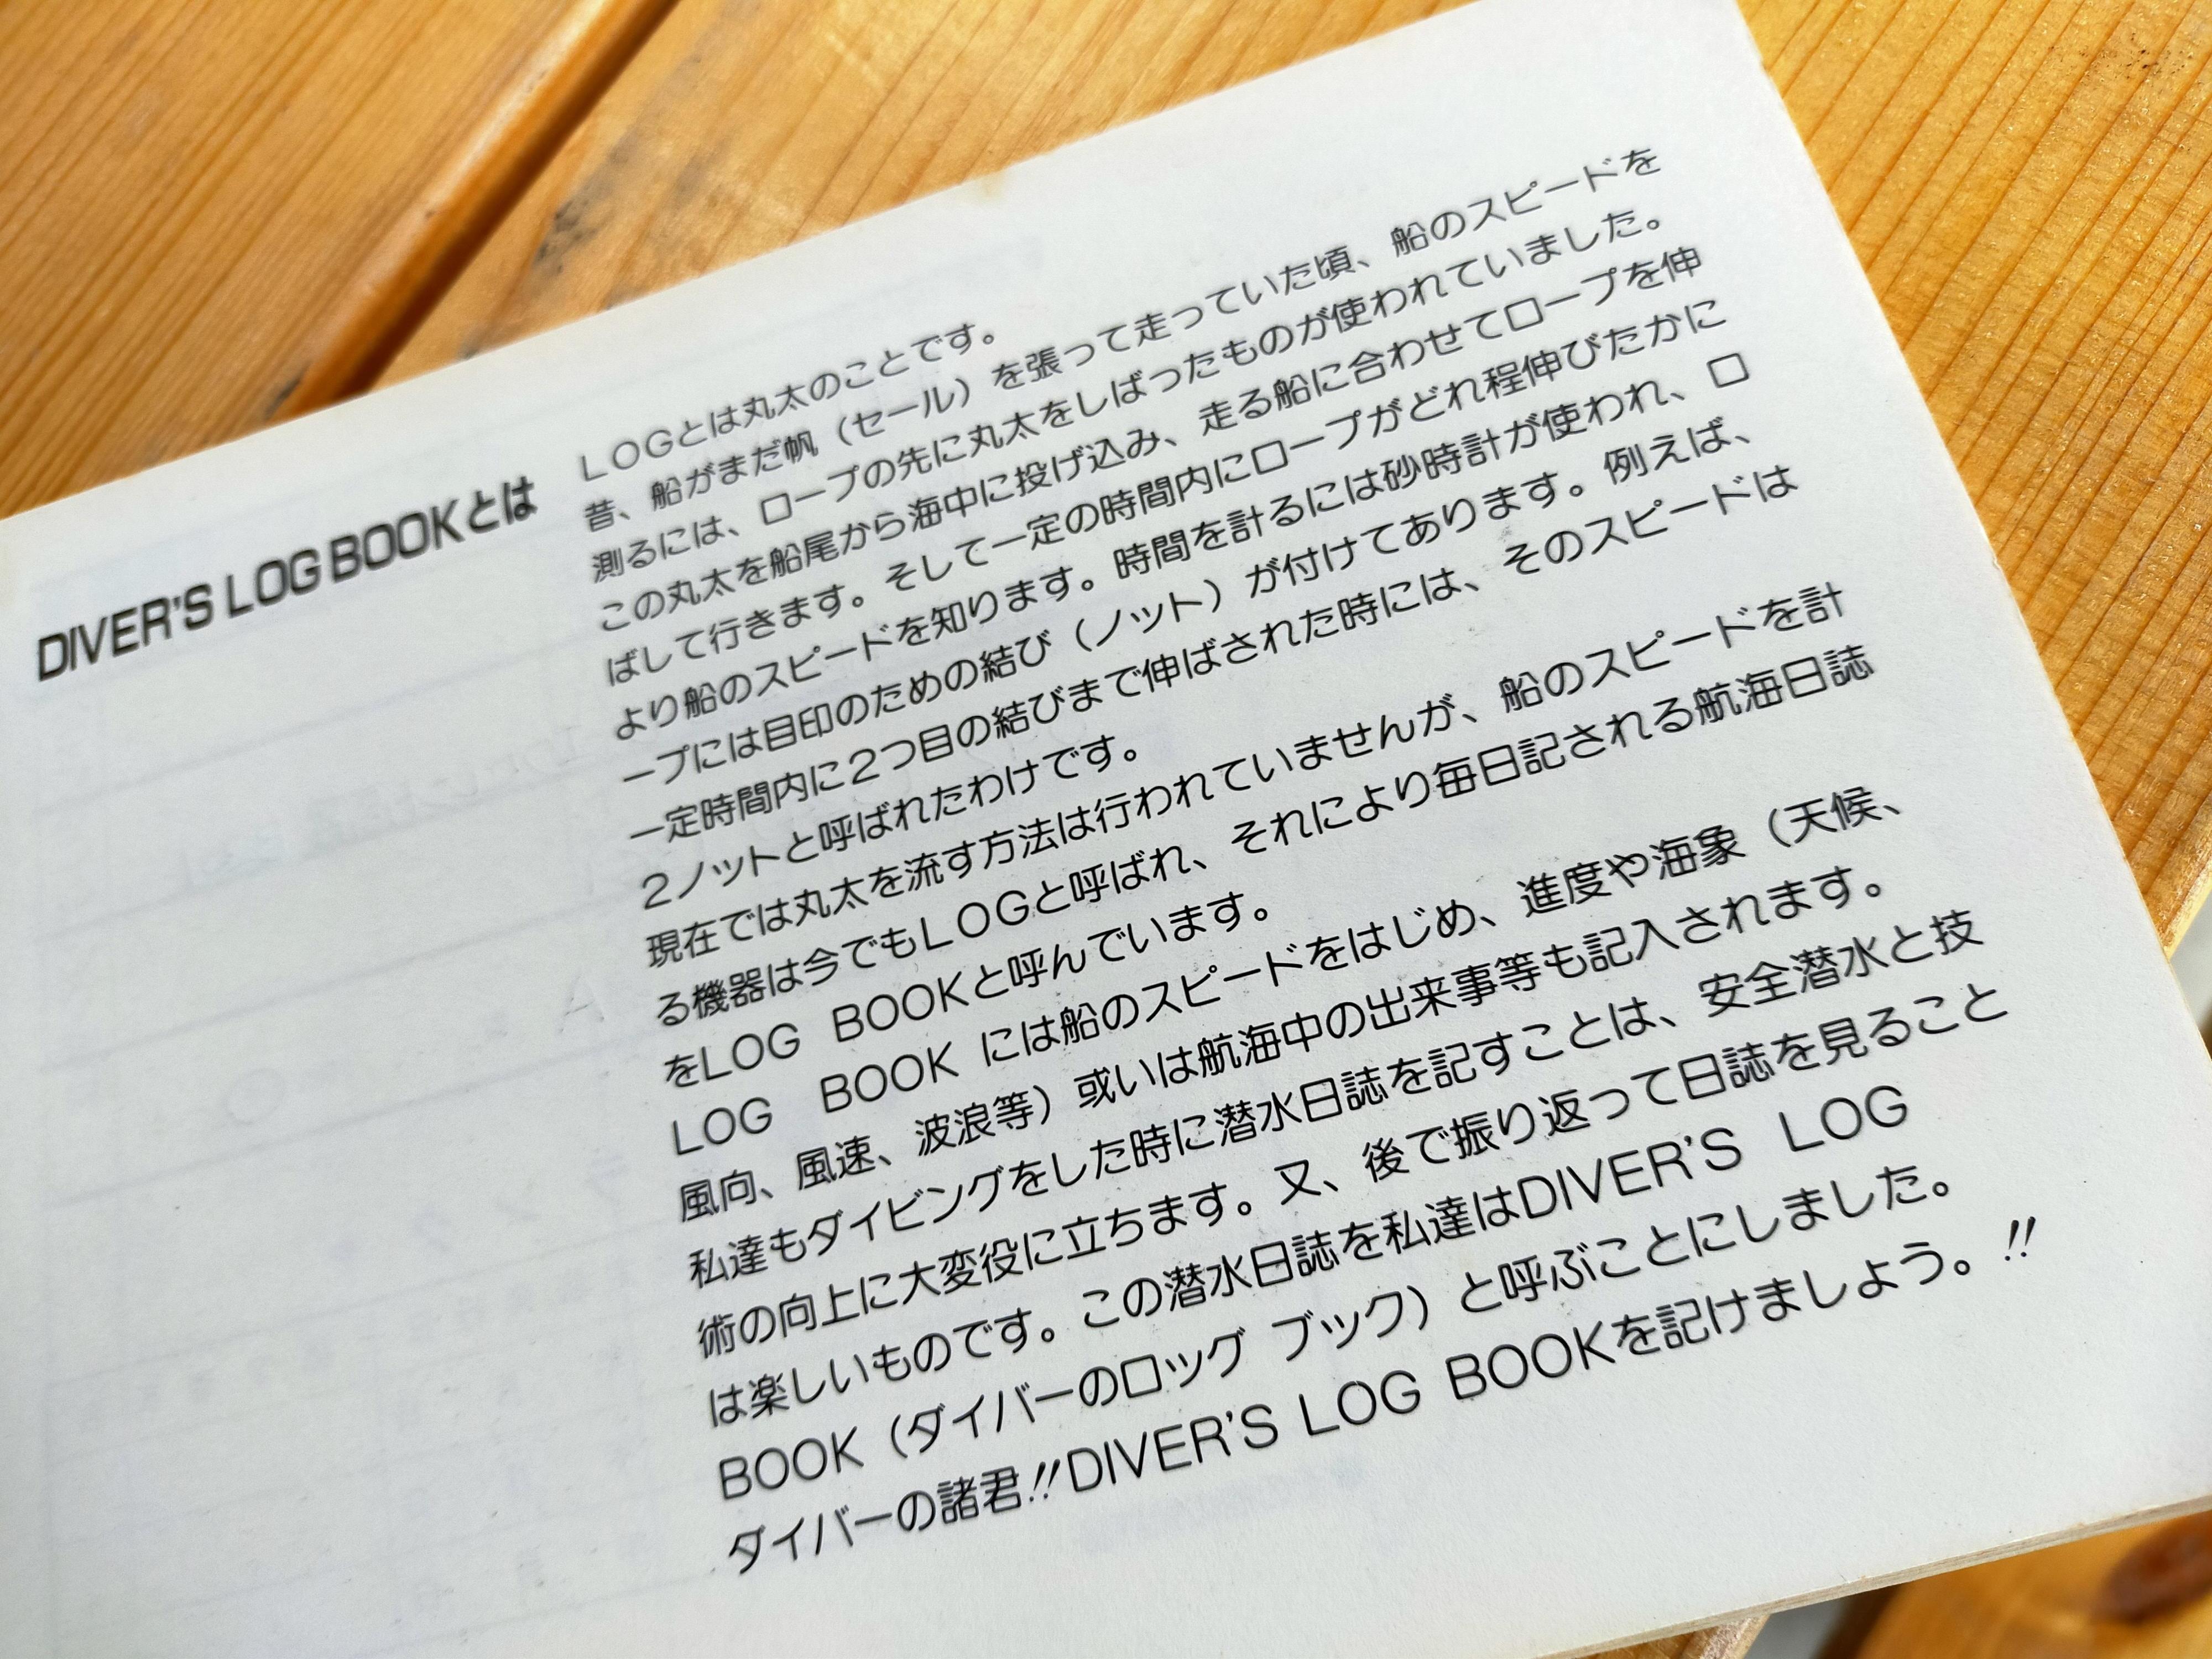 素敵なログブック (2)